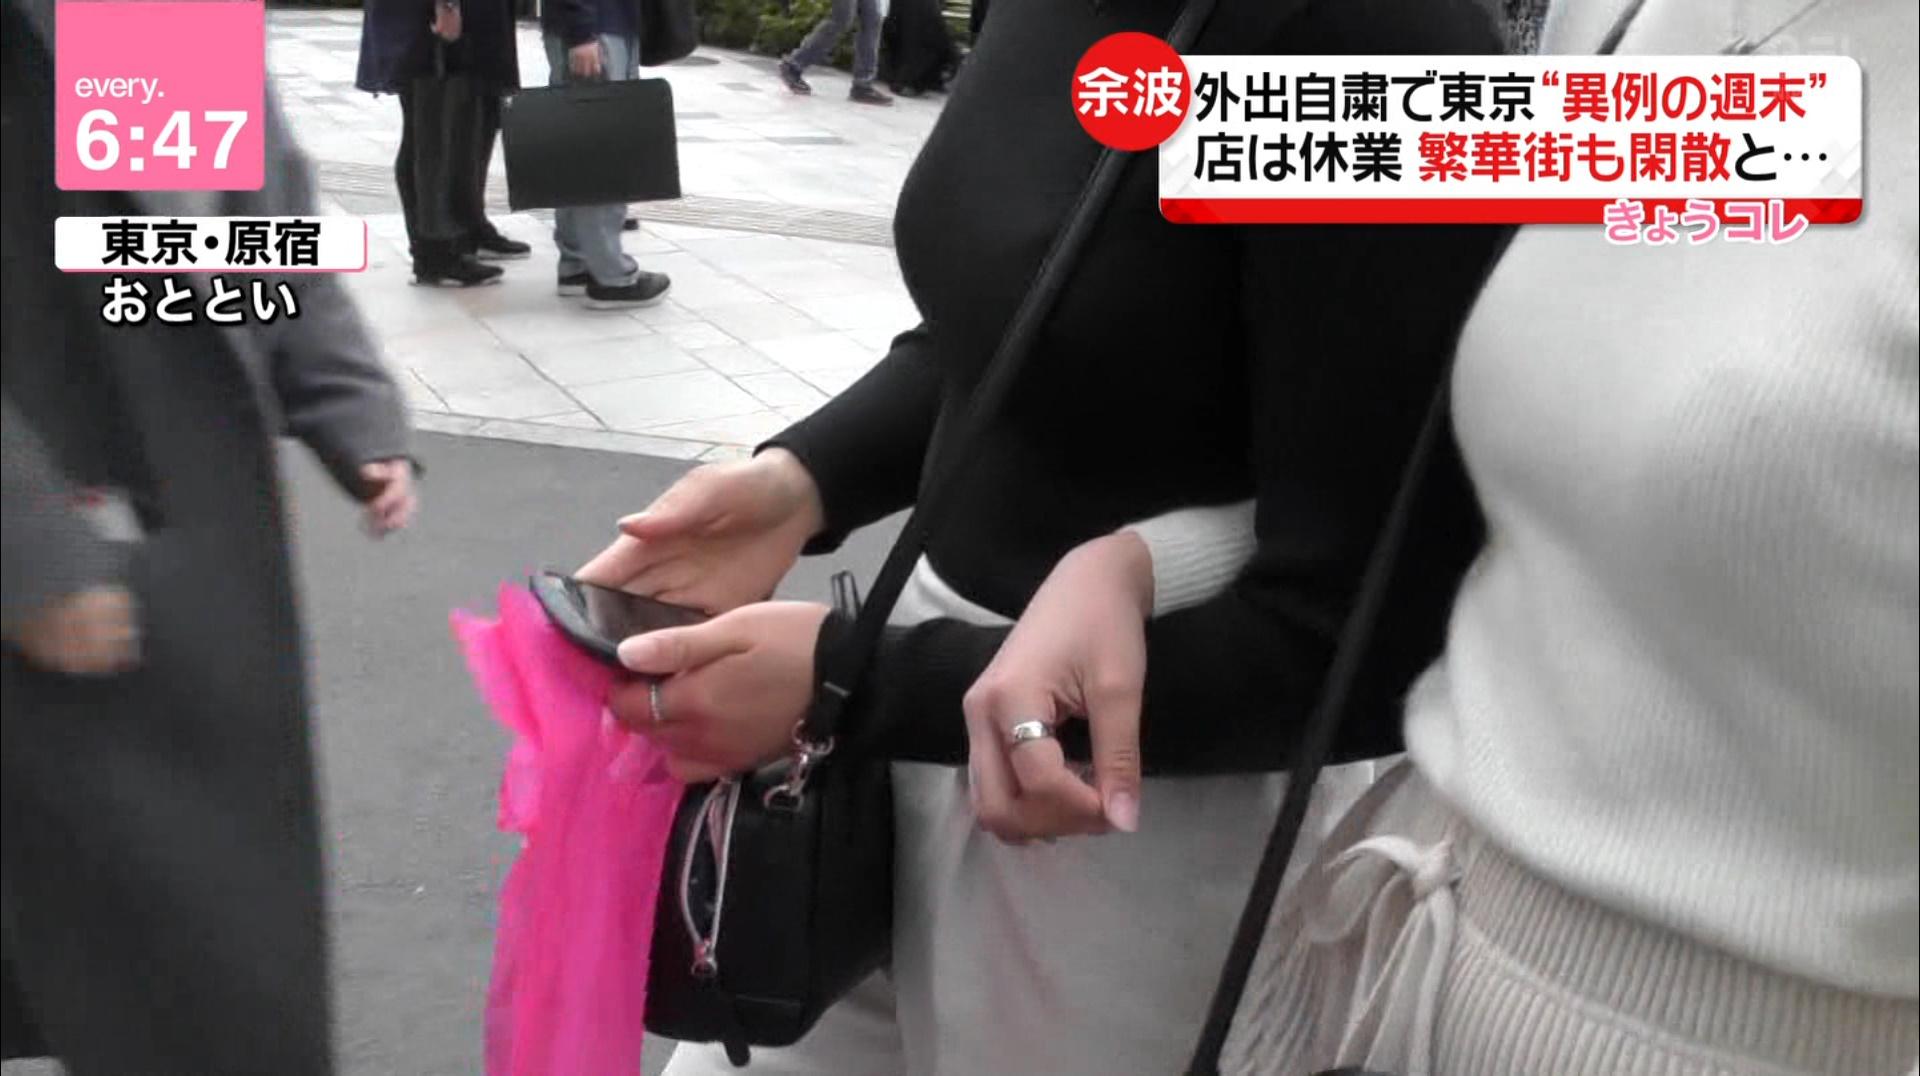 【画像】岡山の巨乳JKレズカップル「キャンセルできないから東京観光に来た」